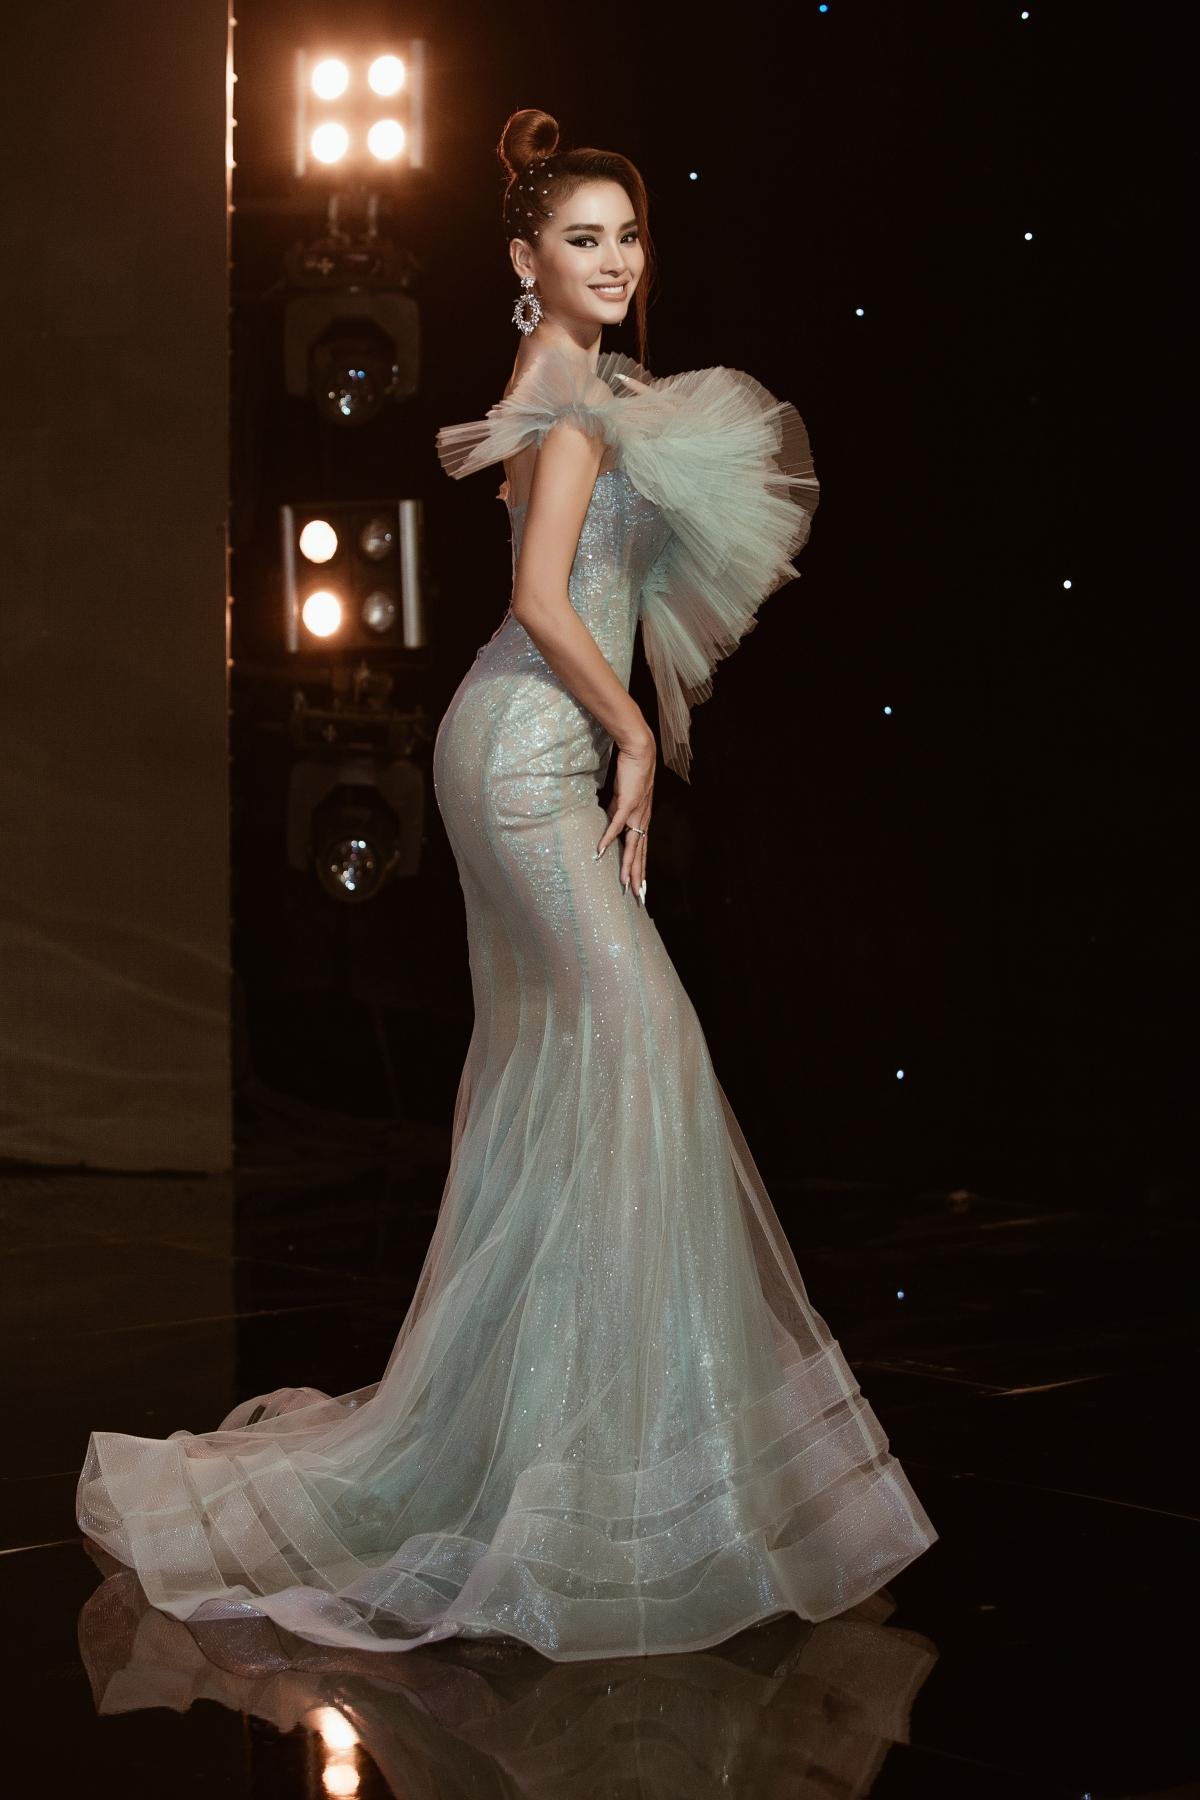 Lựa chọn trang phục sắc xanh lá, diễn viên - ca sĩ Phương Trinh Jolie hóa thân nữ thần mùa hè siêu tươi trẻ.